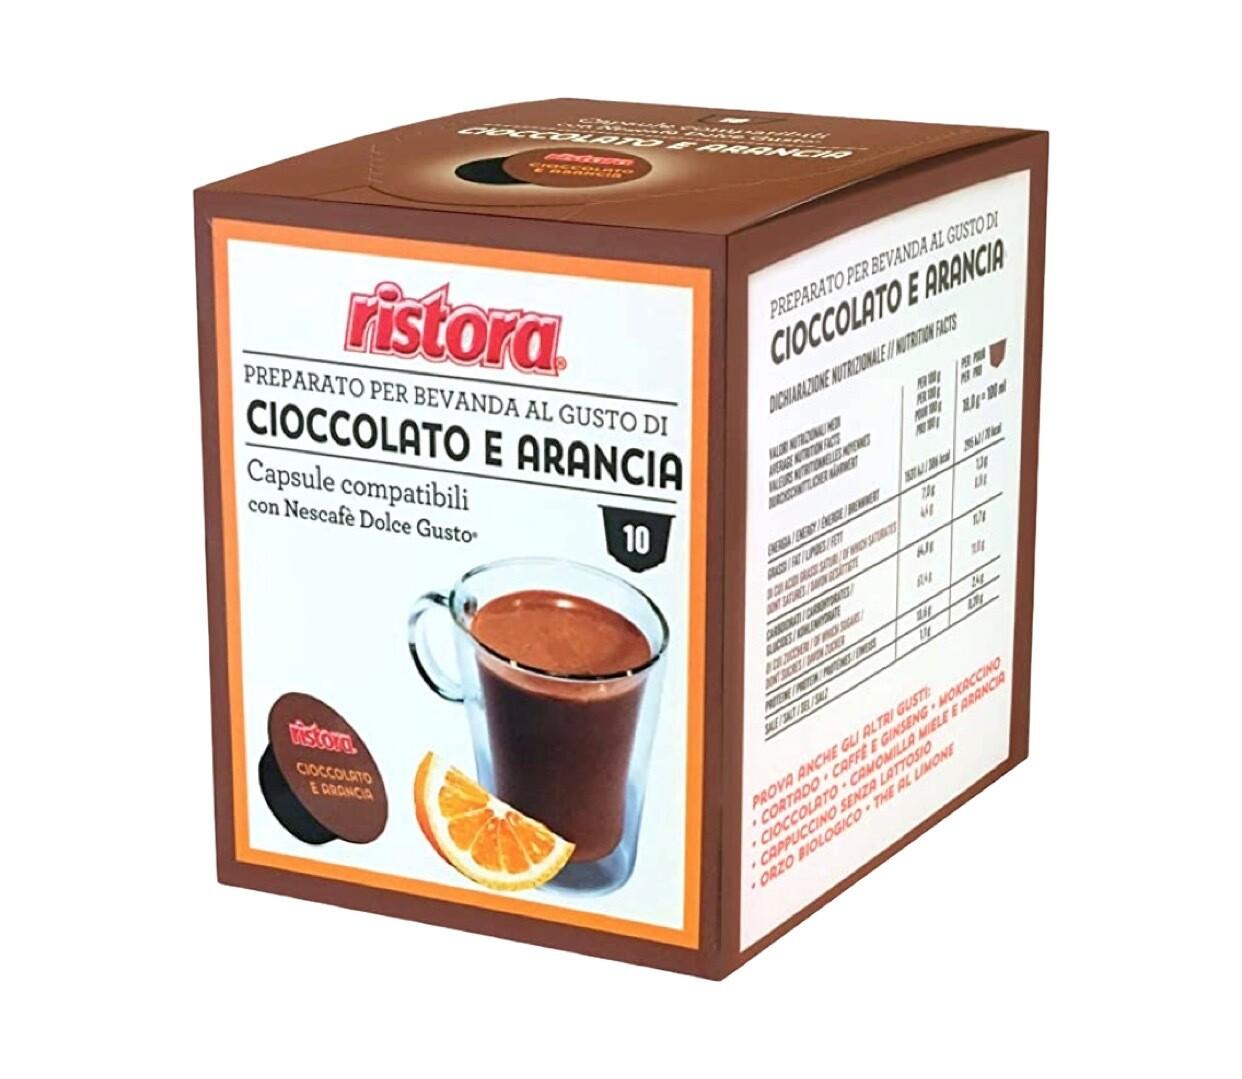 Ristora DolceGusto* Ciocolato e Arancia Топло Чоколадо со вкус на портокал  x10